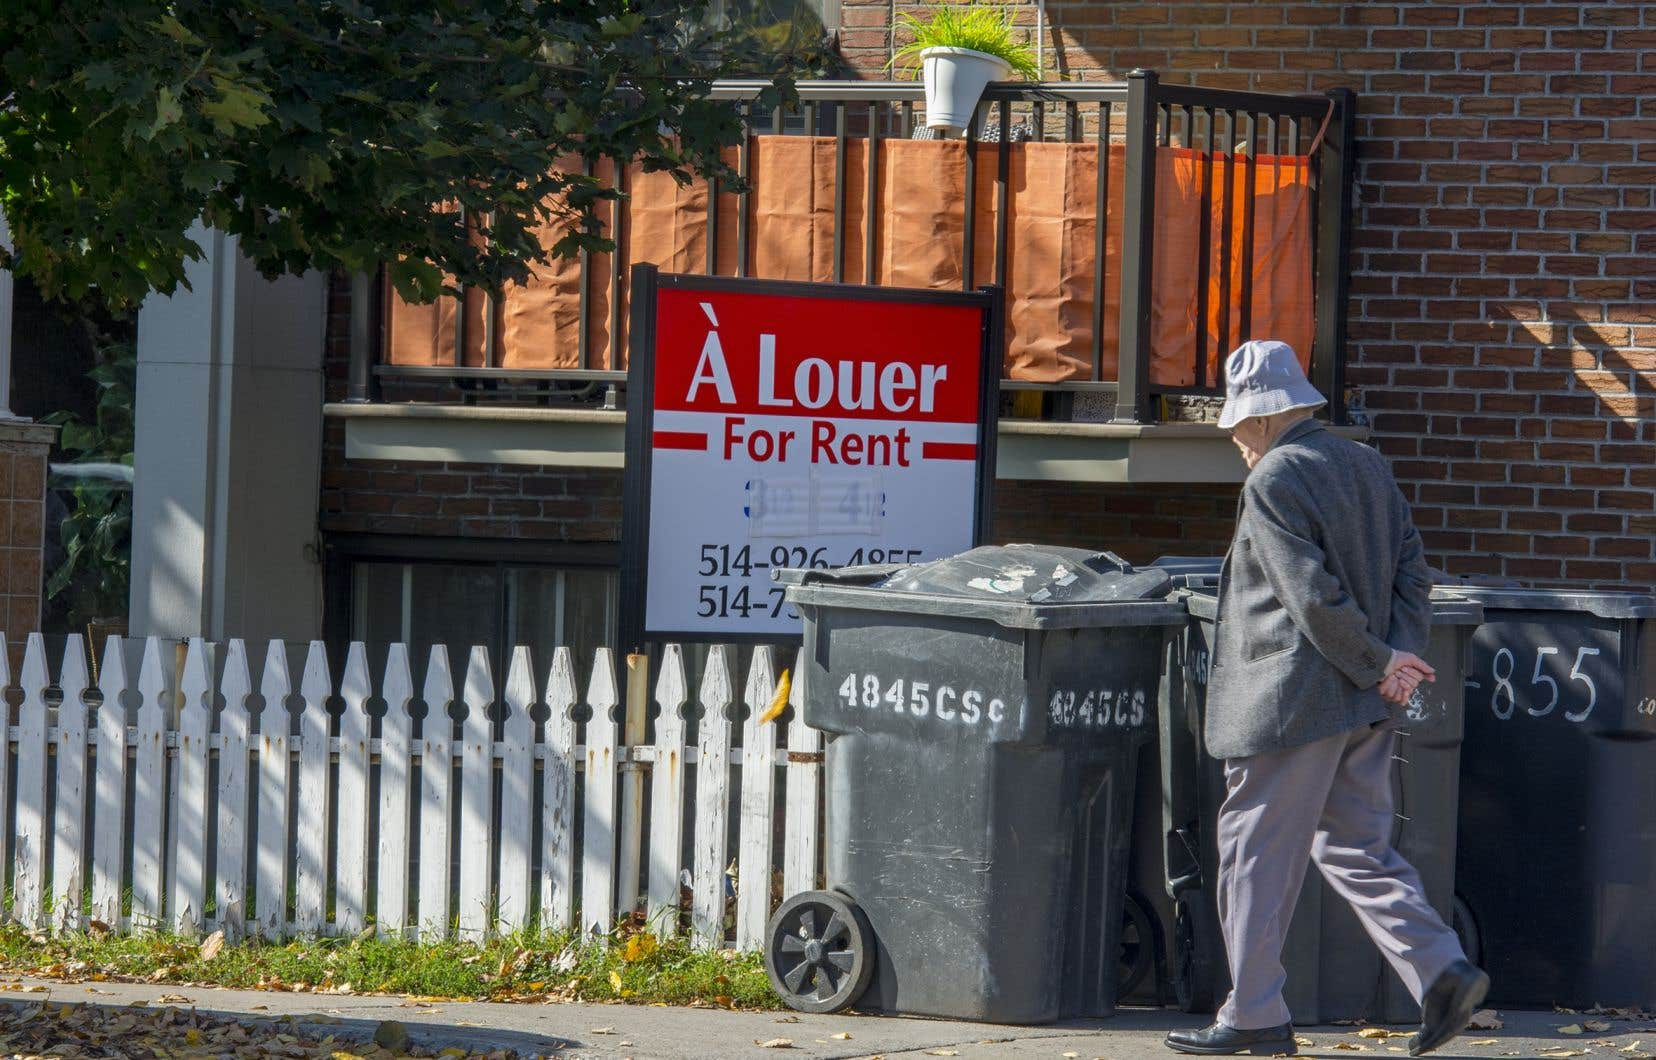 Le programme de supplément au loyer permet à des locataires de louer un logement trop dispendieux pour leur budget.